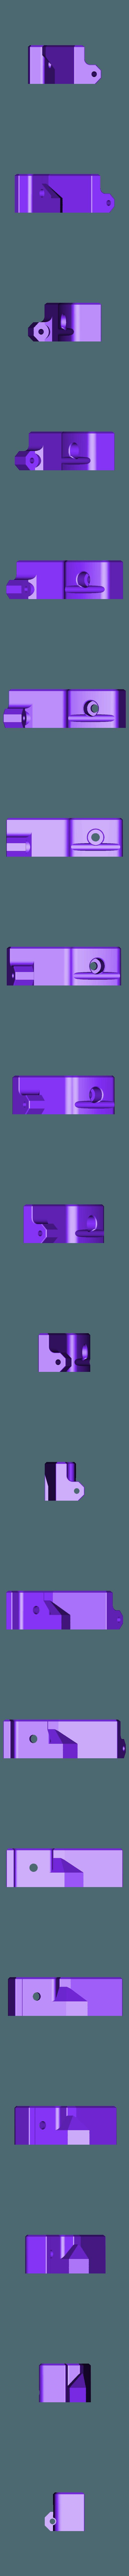 AnetE10_AdjustableZ_Xmount.STL Télécharger fichier STL gratuit Anet E10 : Butée Z réglable • Modèle à imprimer en 3D, MrCrankyface